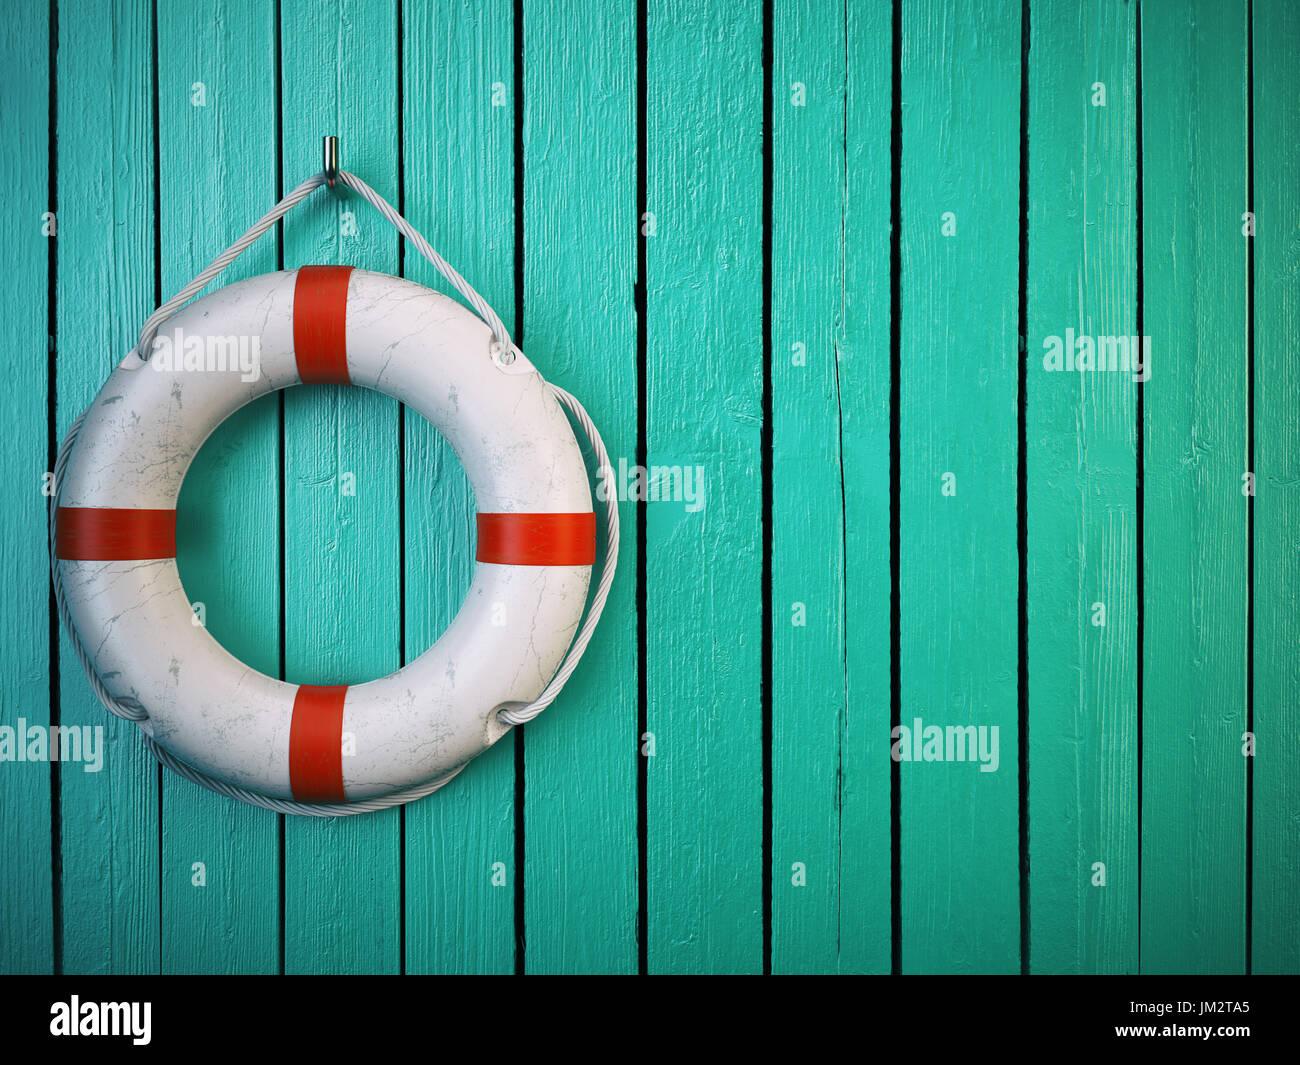 La vita della cinghia o anello di salvataggio sulla parete in legno. La salvezza, la protezione e la sicurezza del concetto. 3d illustrazione Immagini Stock